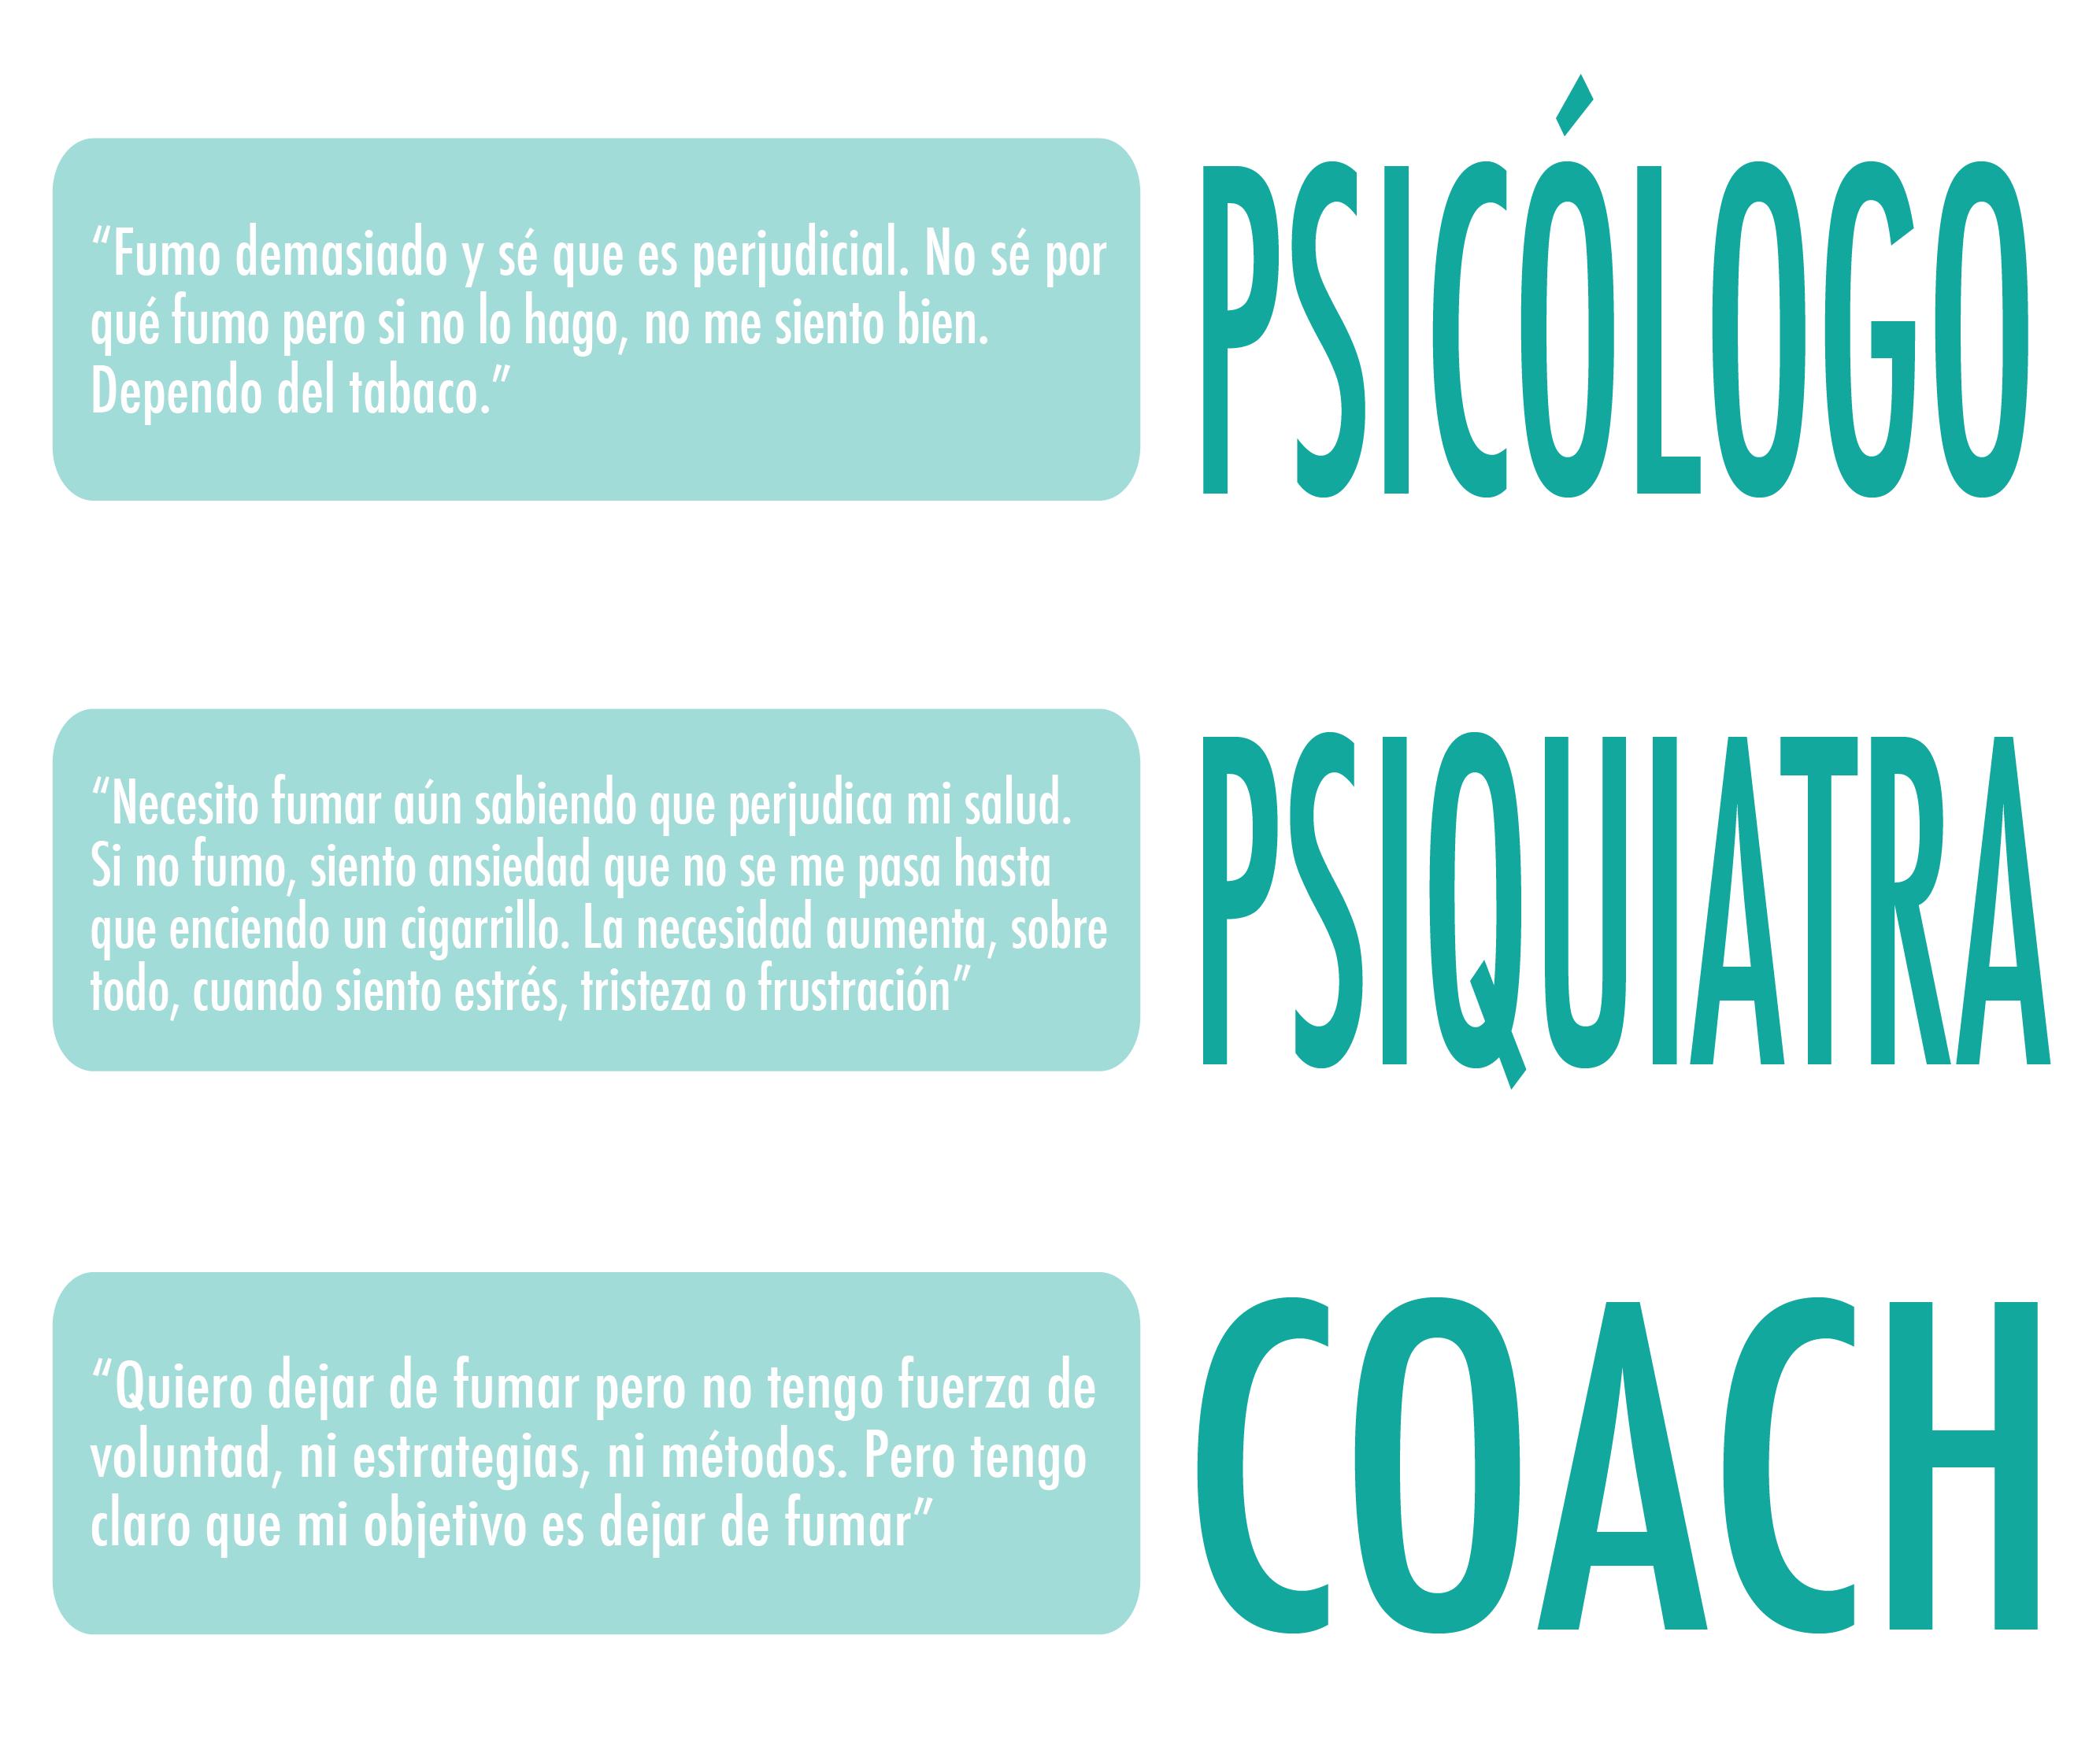 psicologo psiquiatra coach psicologia siquia